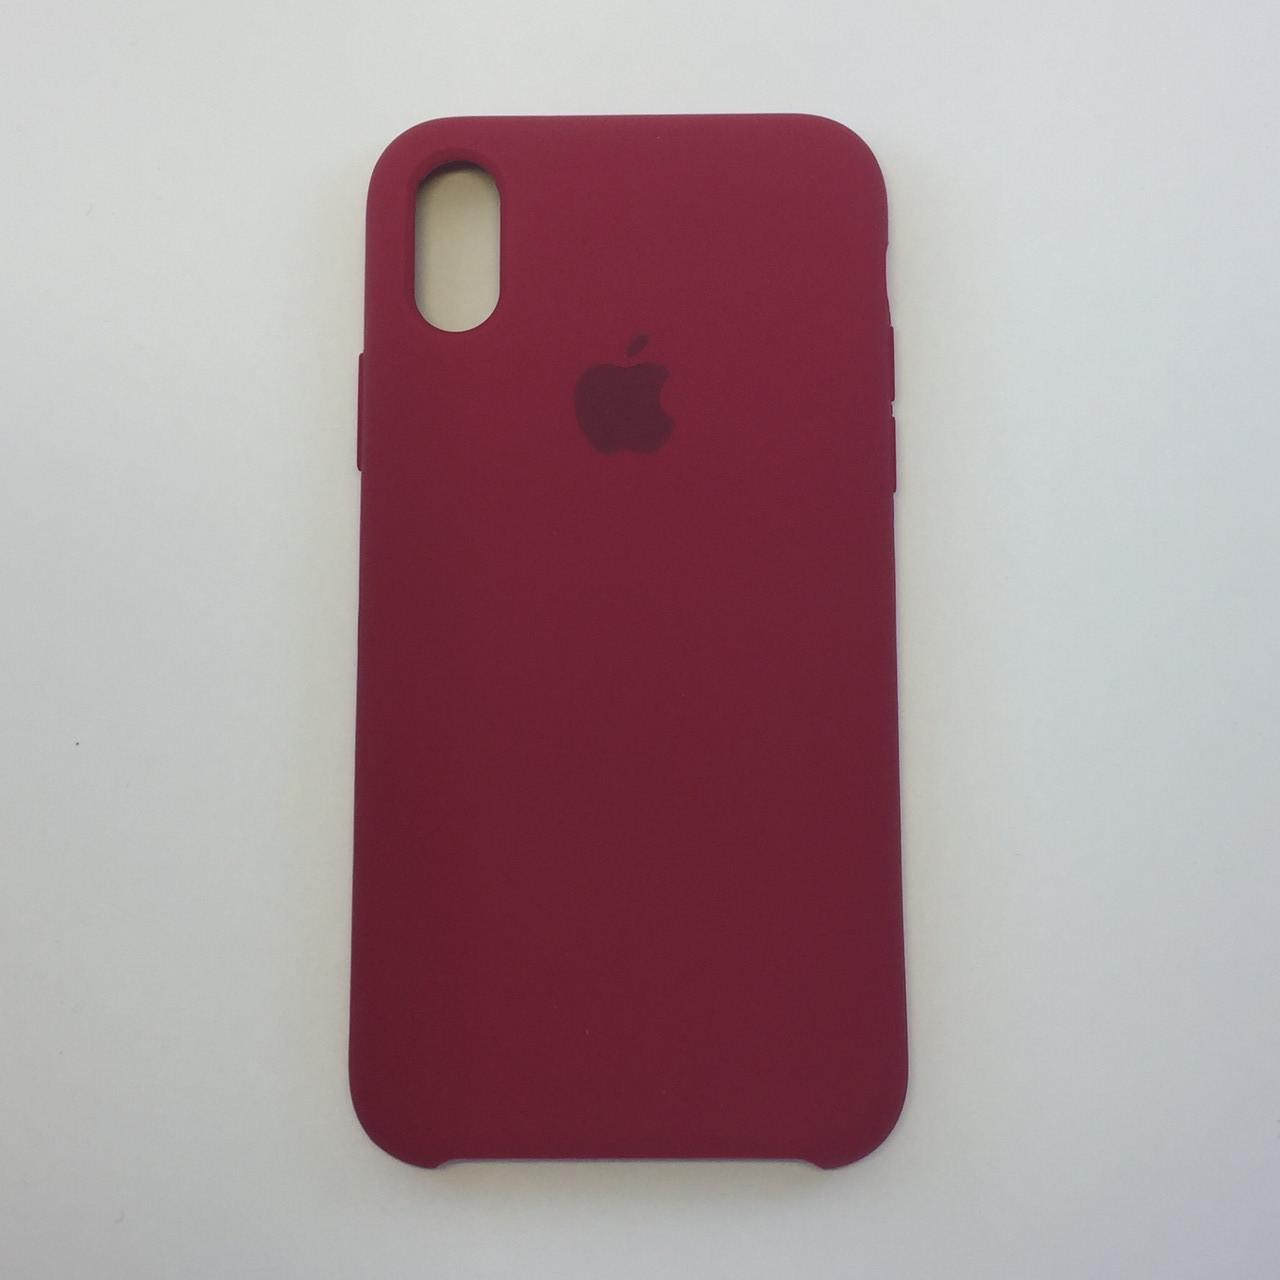 Силиконовый чехол iPhone X / Xs, темно-розовый, copy original